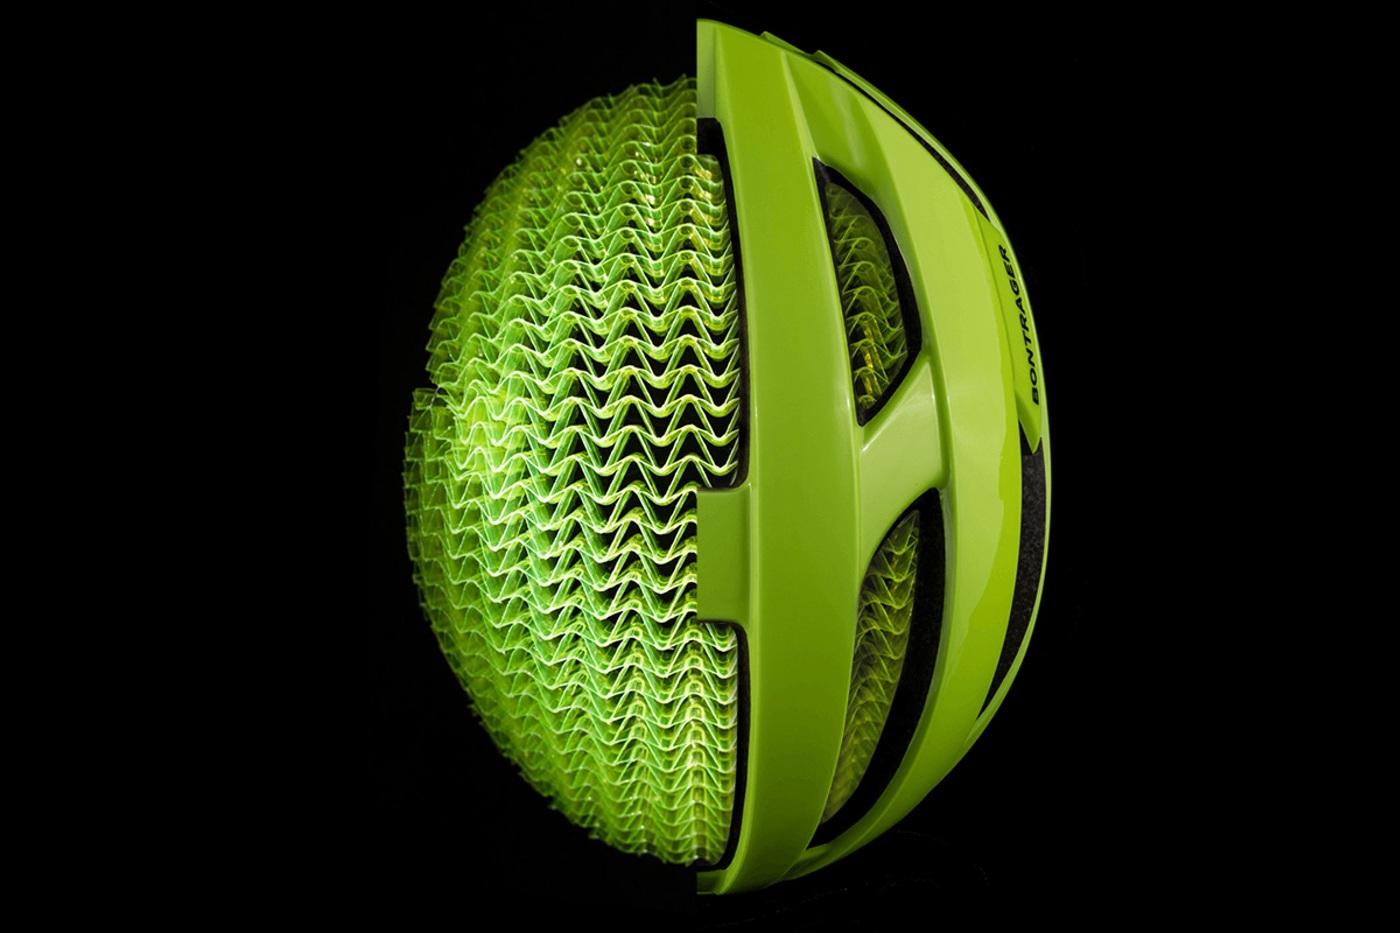 Nueva tecnología Bontrager WaveCel: 48% más de protección frente a lesiones cerebrales